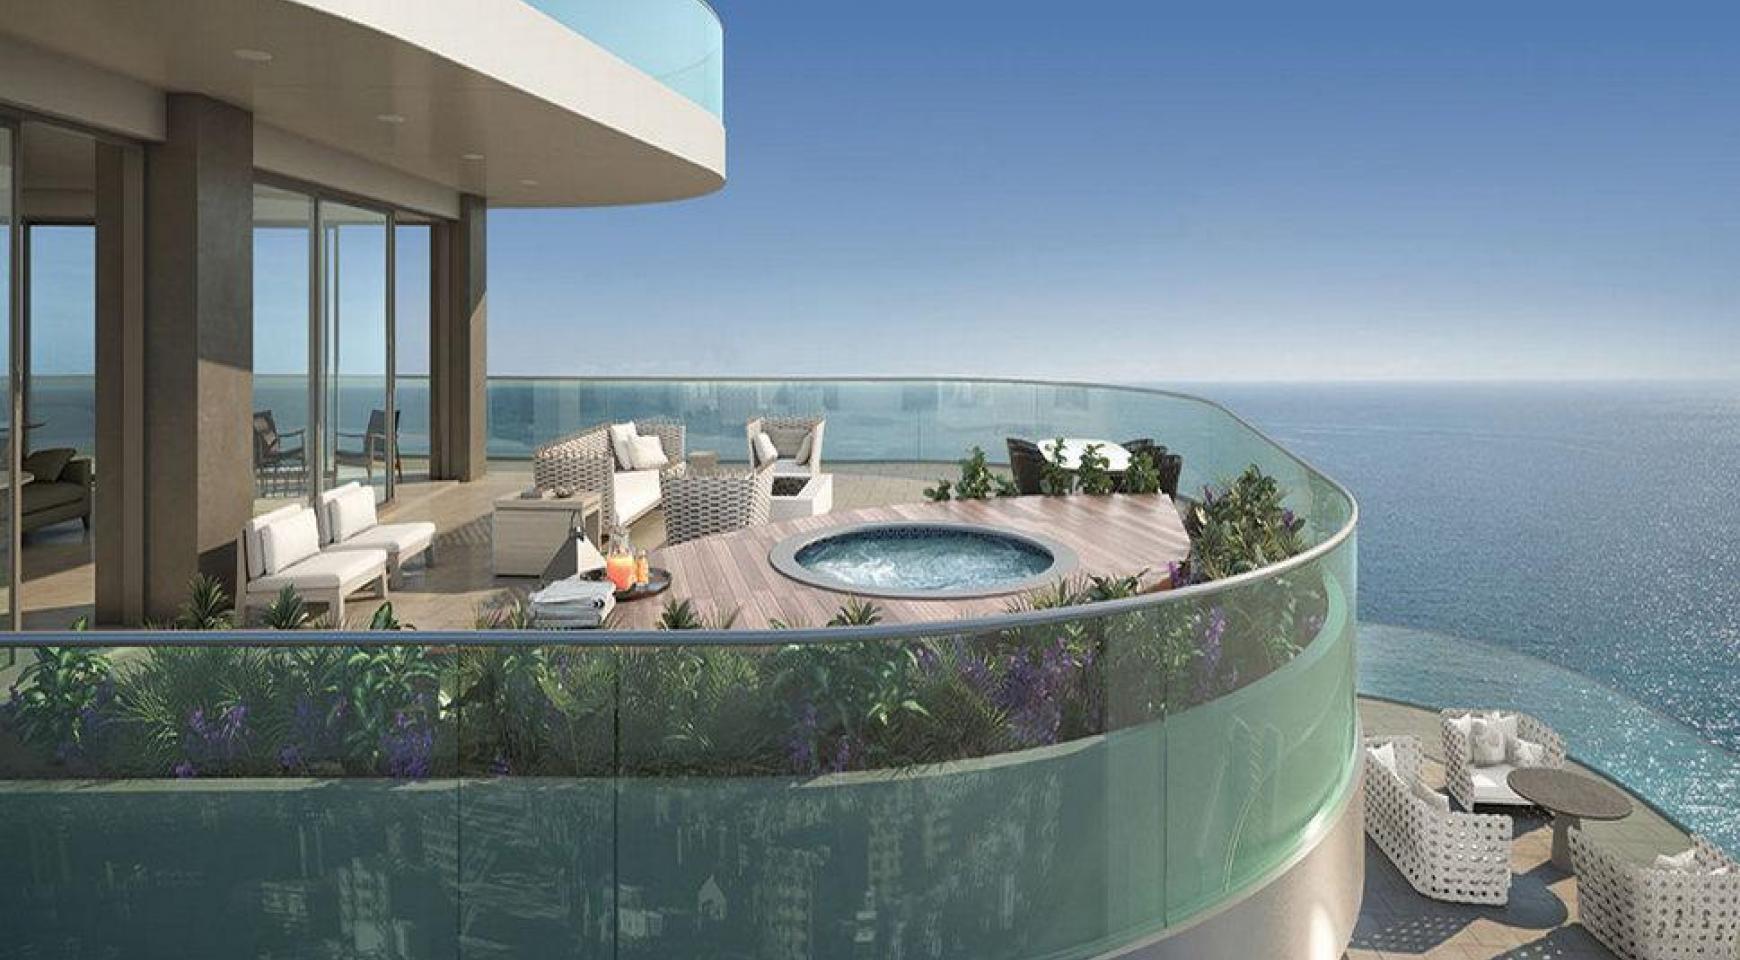 5-Спальная Квартира Класса Люкс в Эксклюзивном Проекте у Моря  - 3